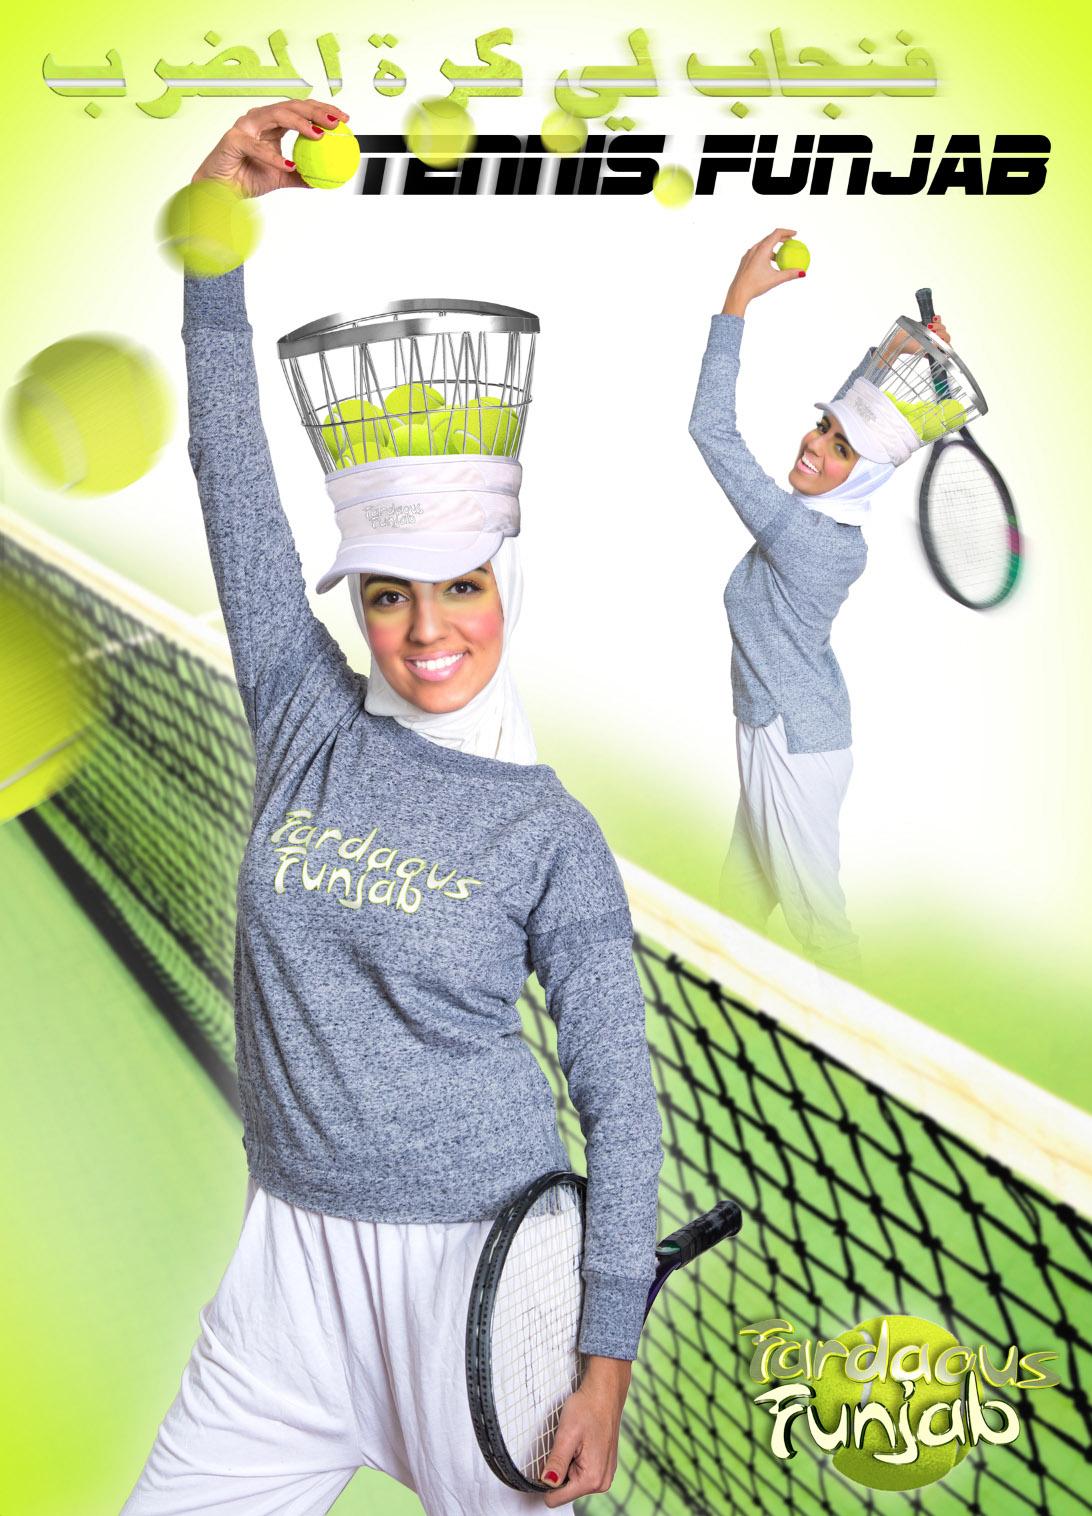 tennis funjab